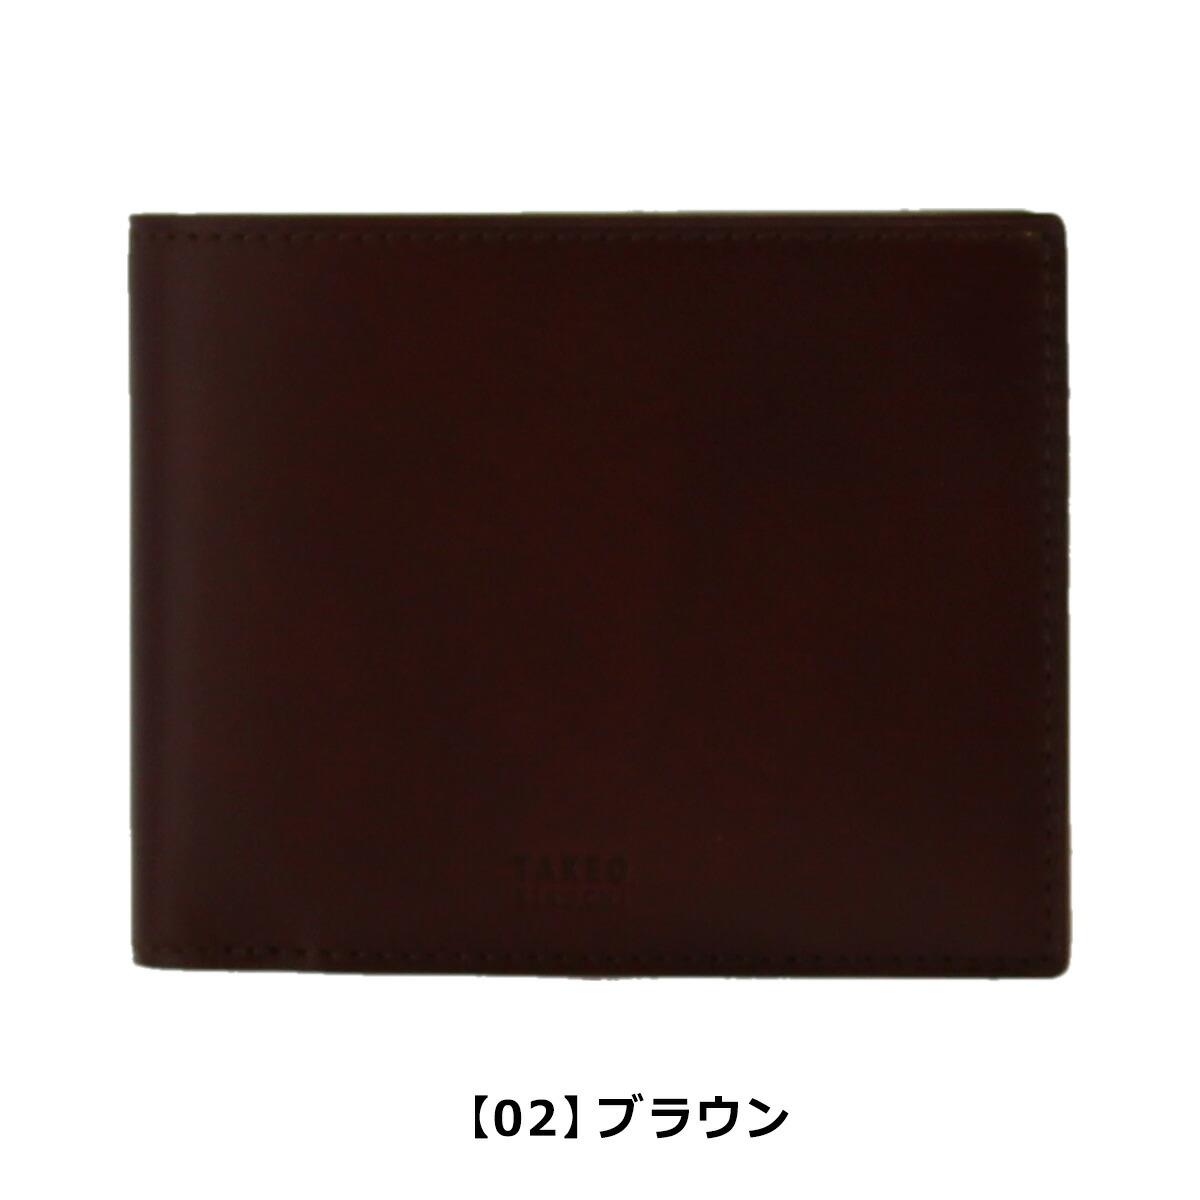 【02】ブラウン